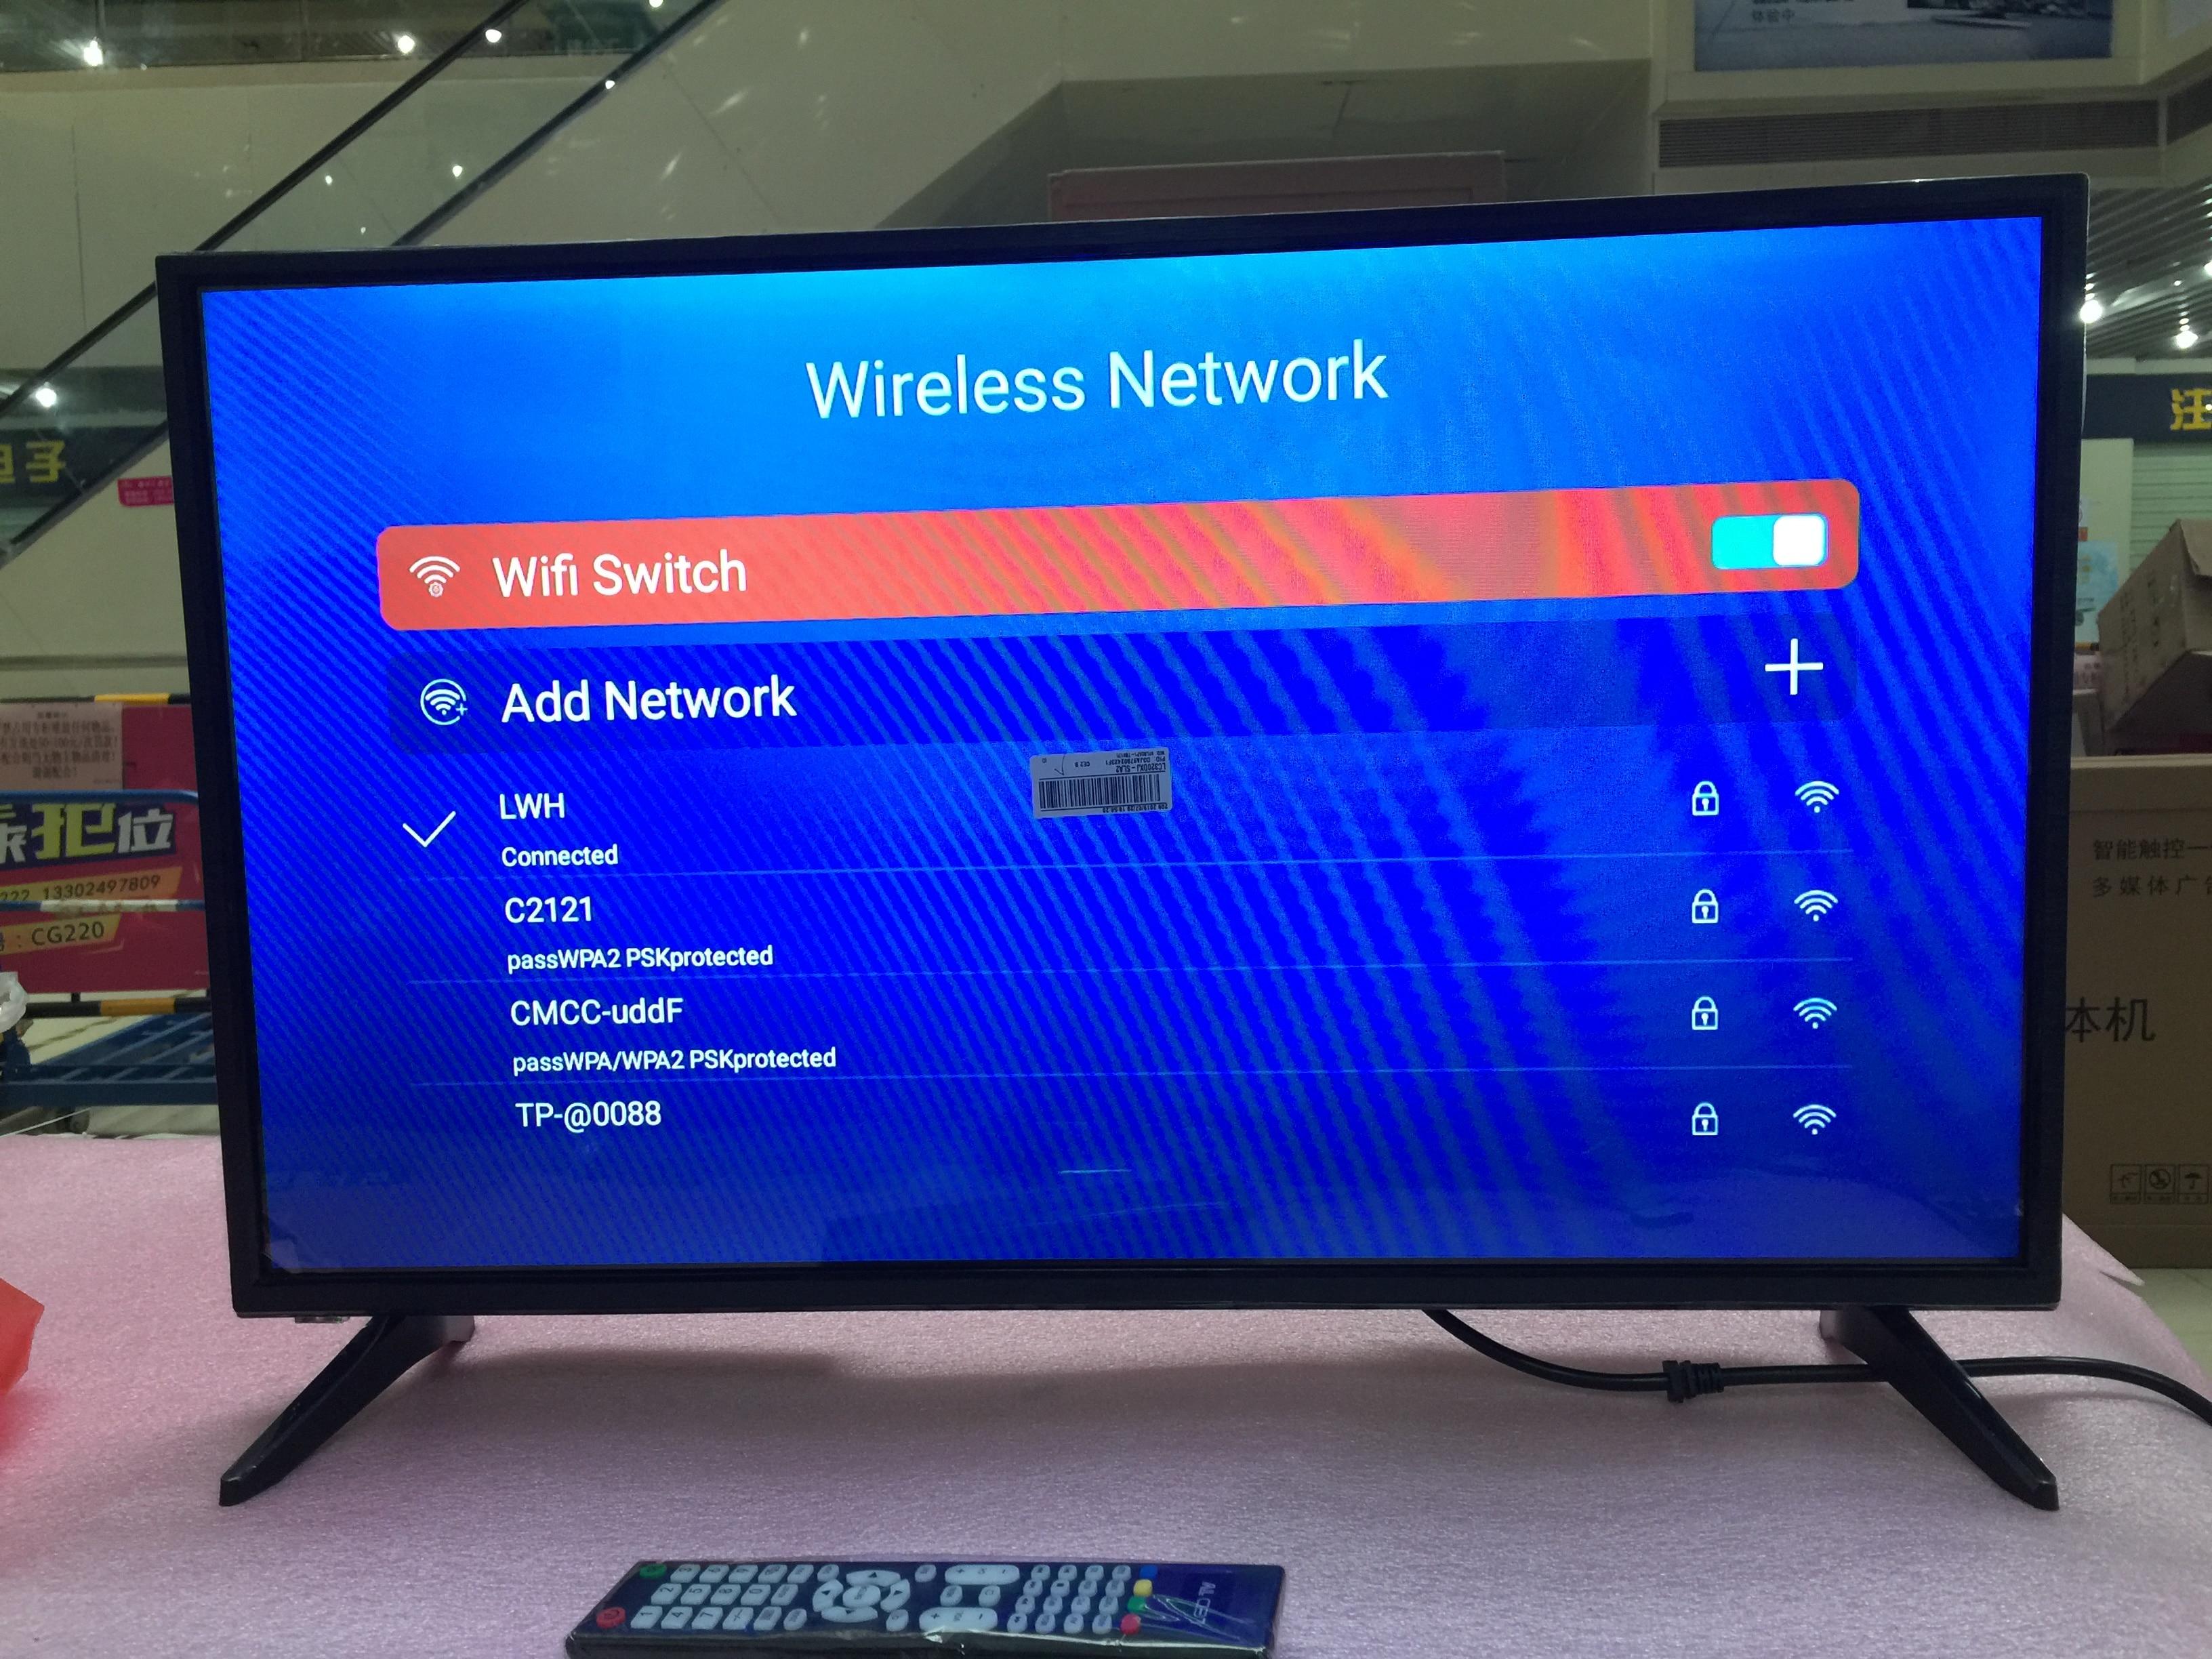 32 polegada hd monitor de exibição 1920*1080 resolução (espanha para a ue apenas) hd led tela multi idioma t2 led televisão tv